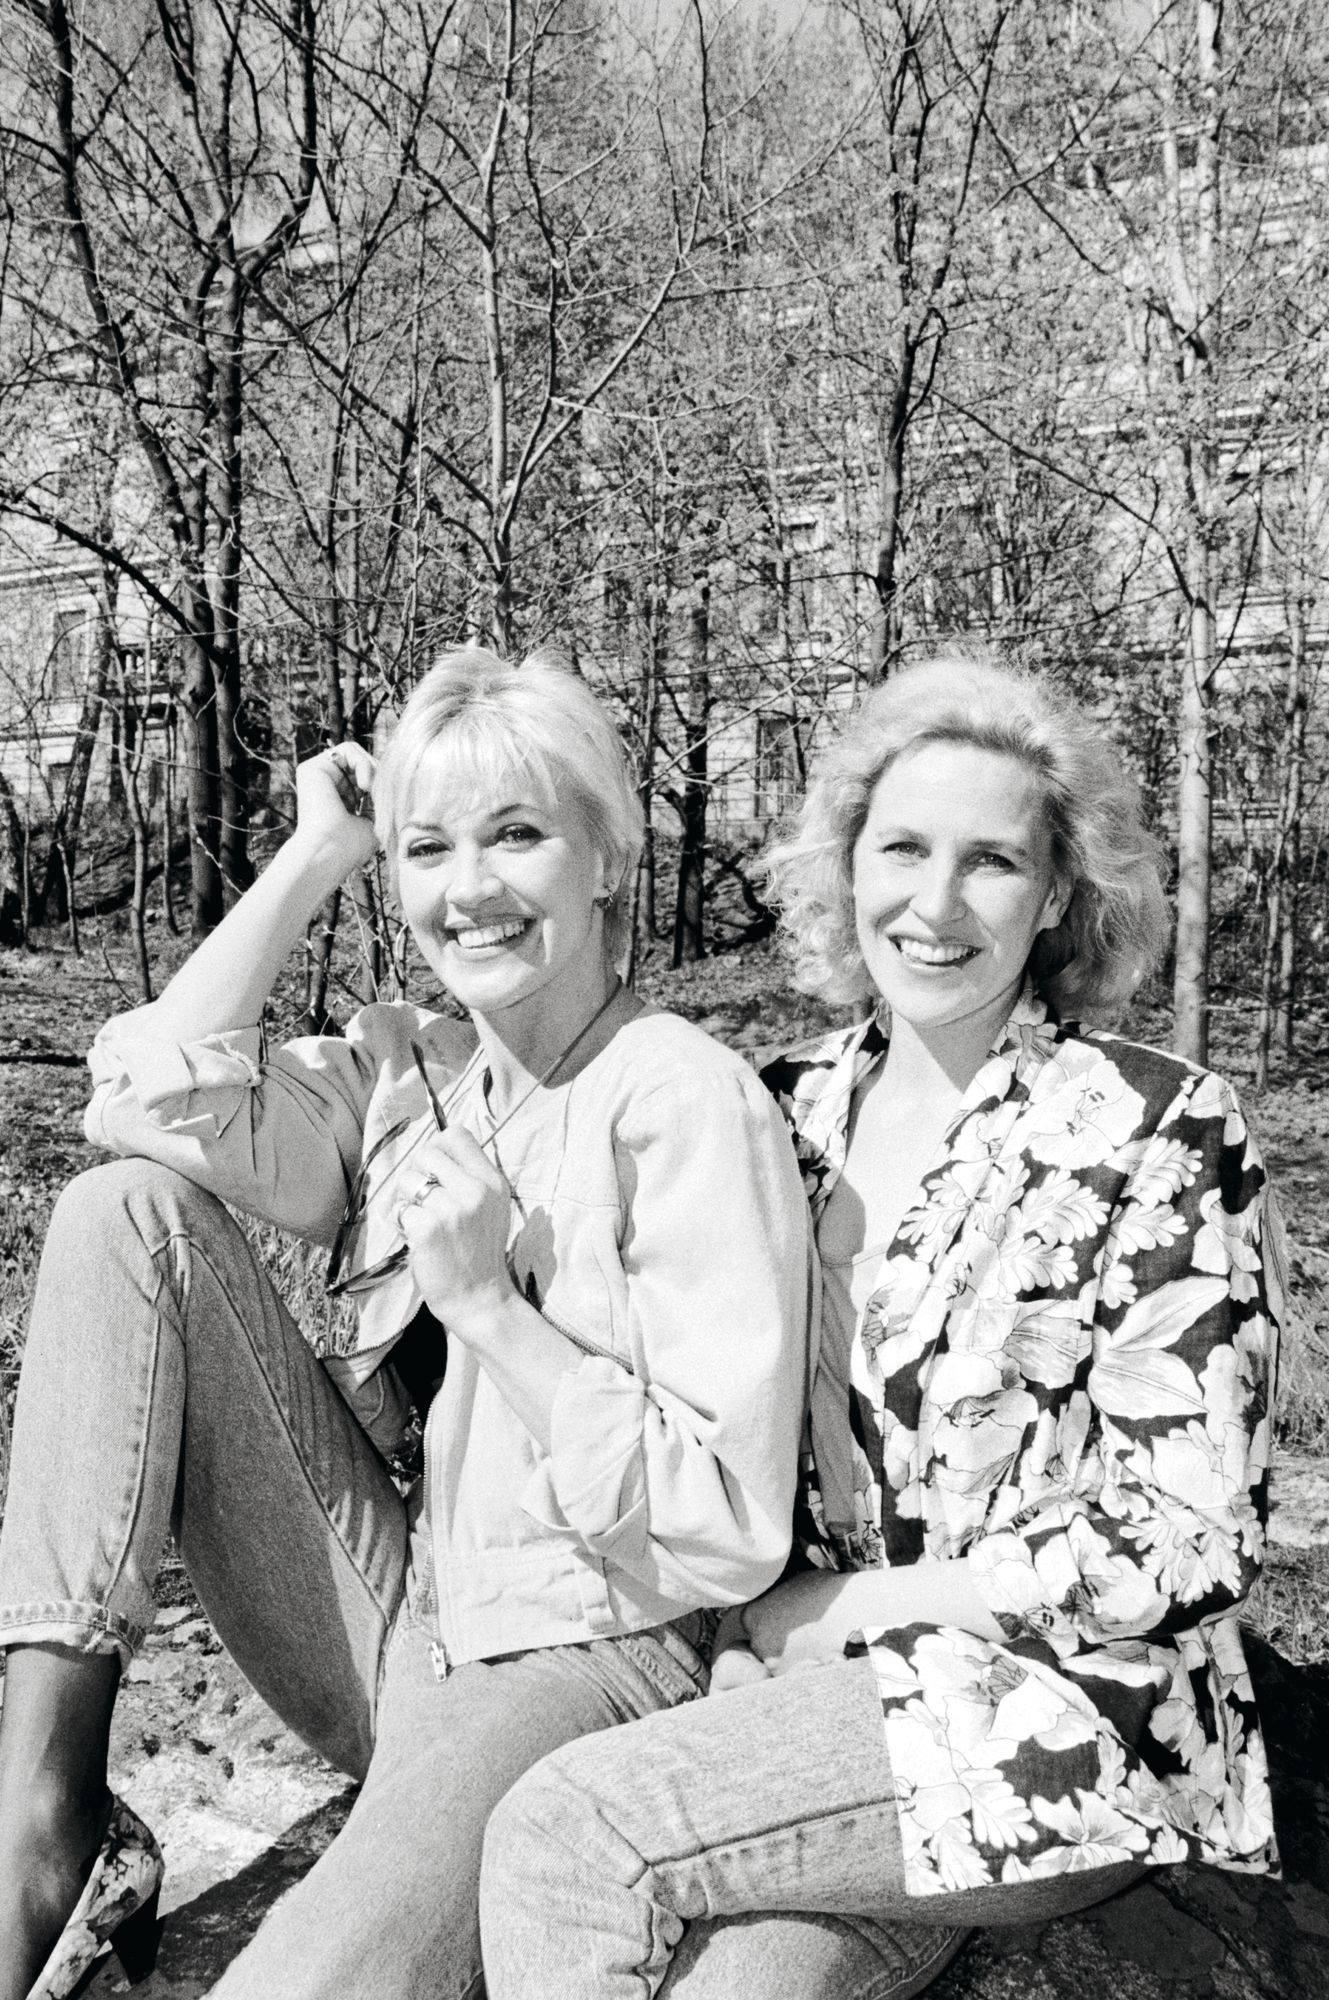 Yhteistyö näyttelijä Hannele Laurin kanssa alkoi 1980-luvun lopulla Vesku Show'ssa. Hynttyyt yhteen -sarjassa Eija näytteli eloisaa karjalaisnaista Vappua. © Erkki Raskinen / IS / Lehtikuva